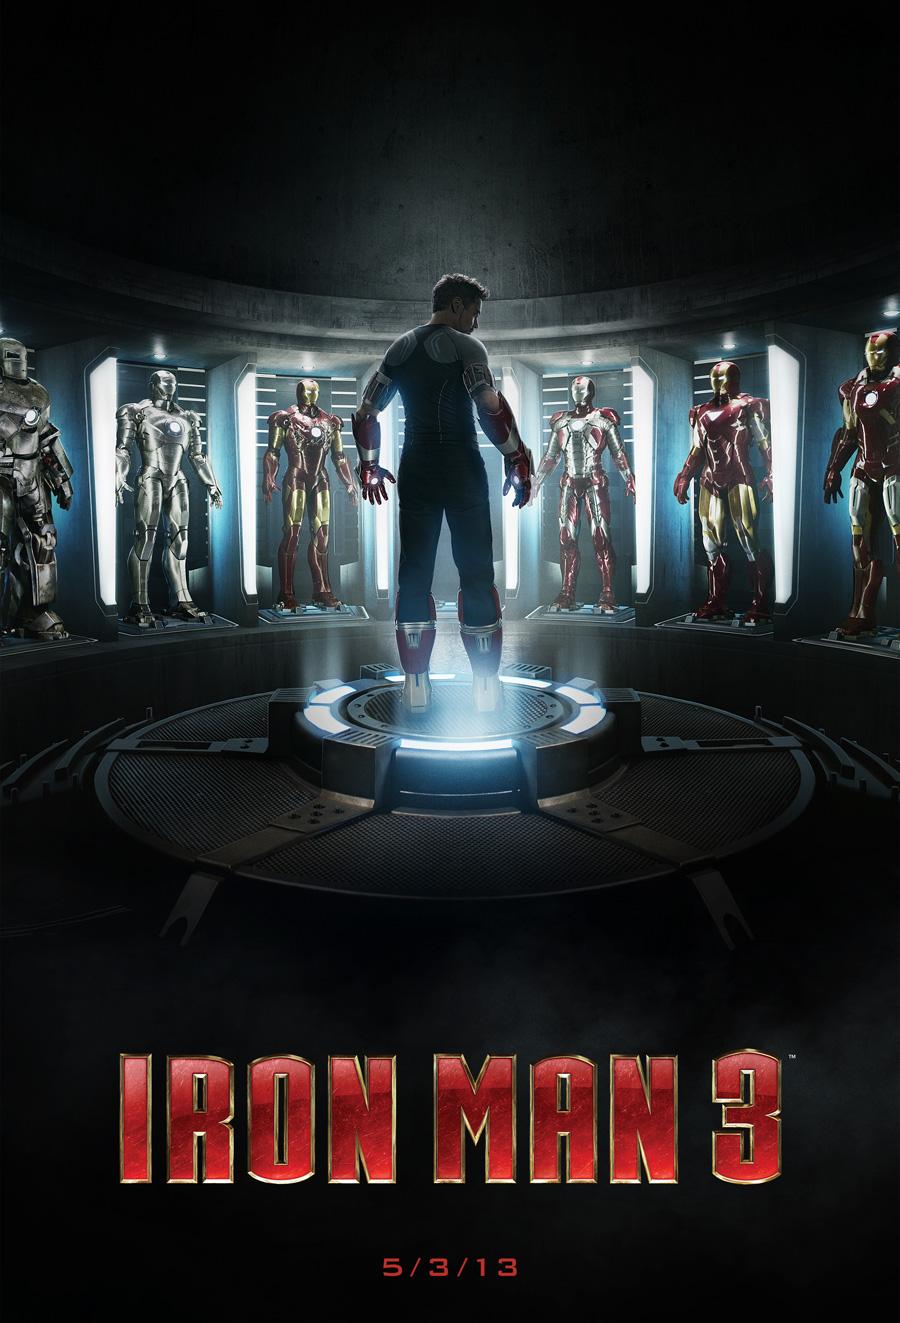 Iron Man 3 teaser